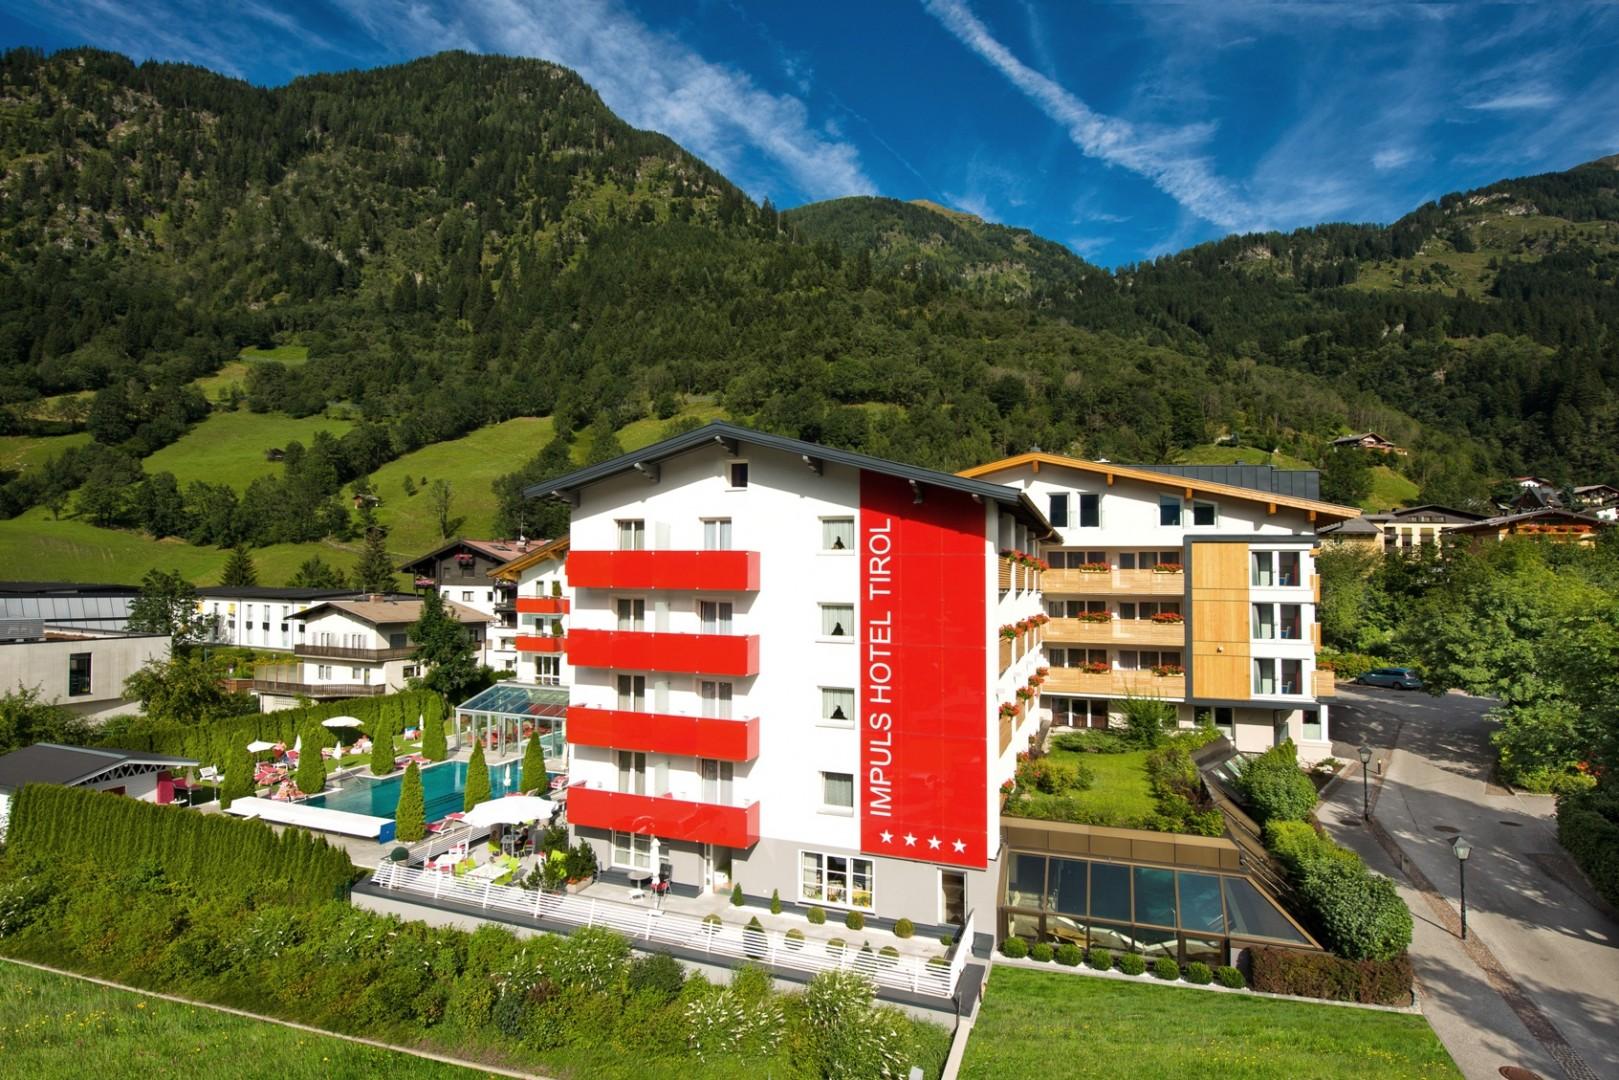 Hotel Tirol Bad Hofgastein